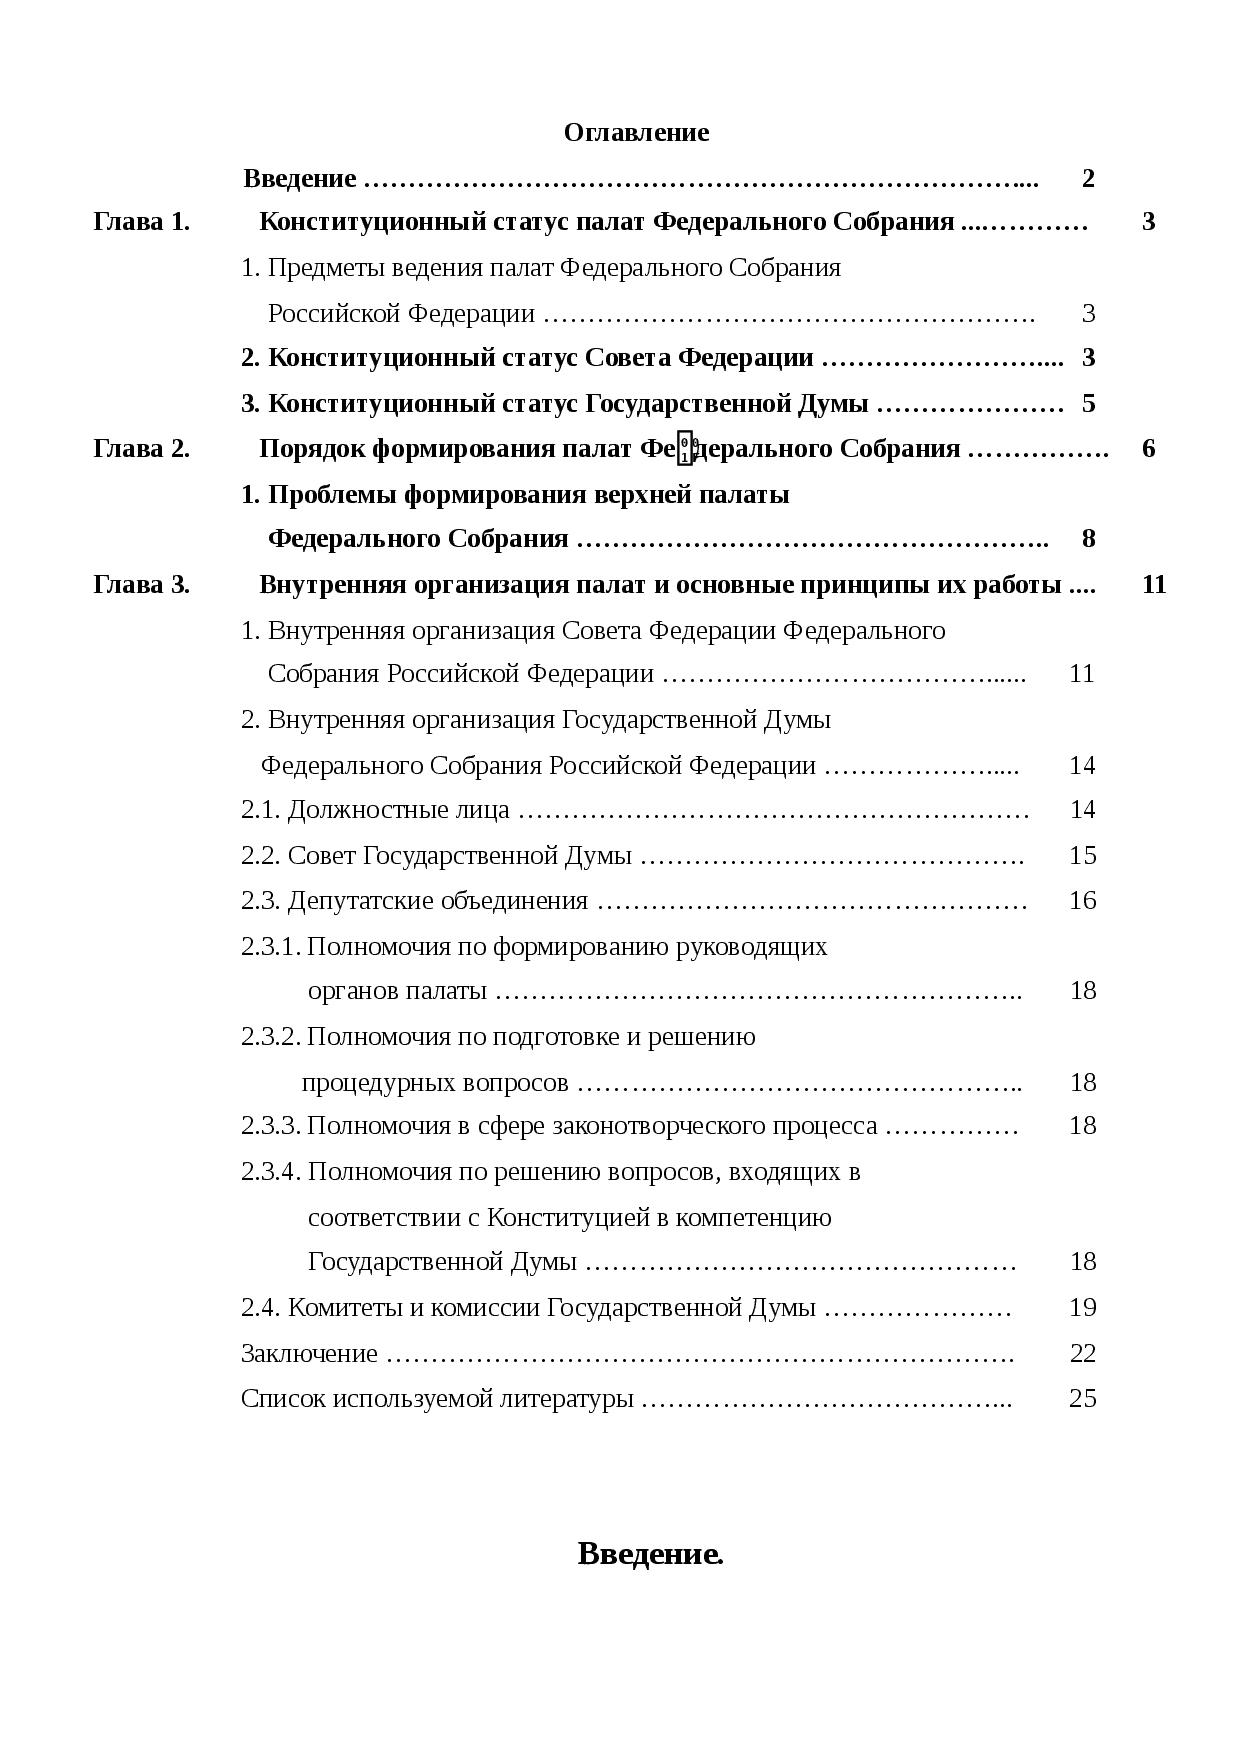 Функции совета федерации — люди роста